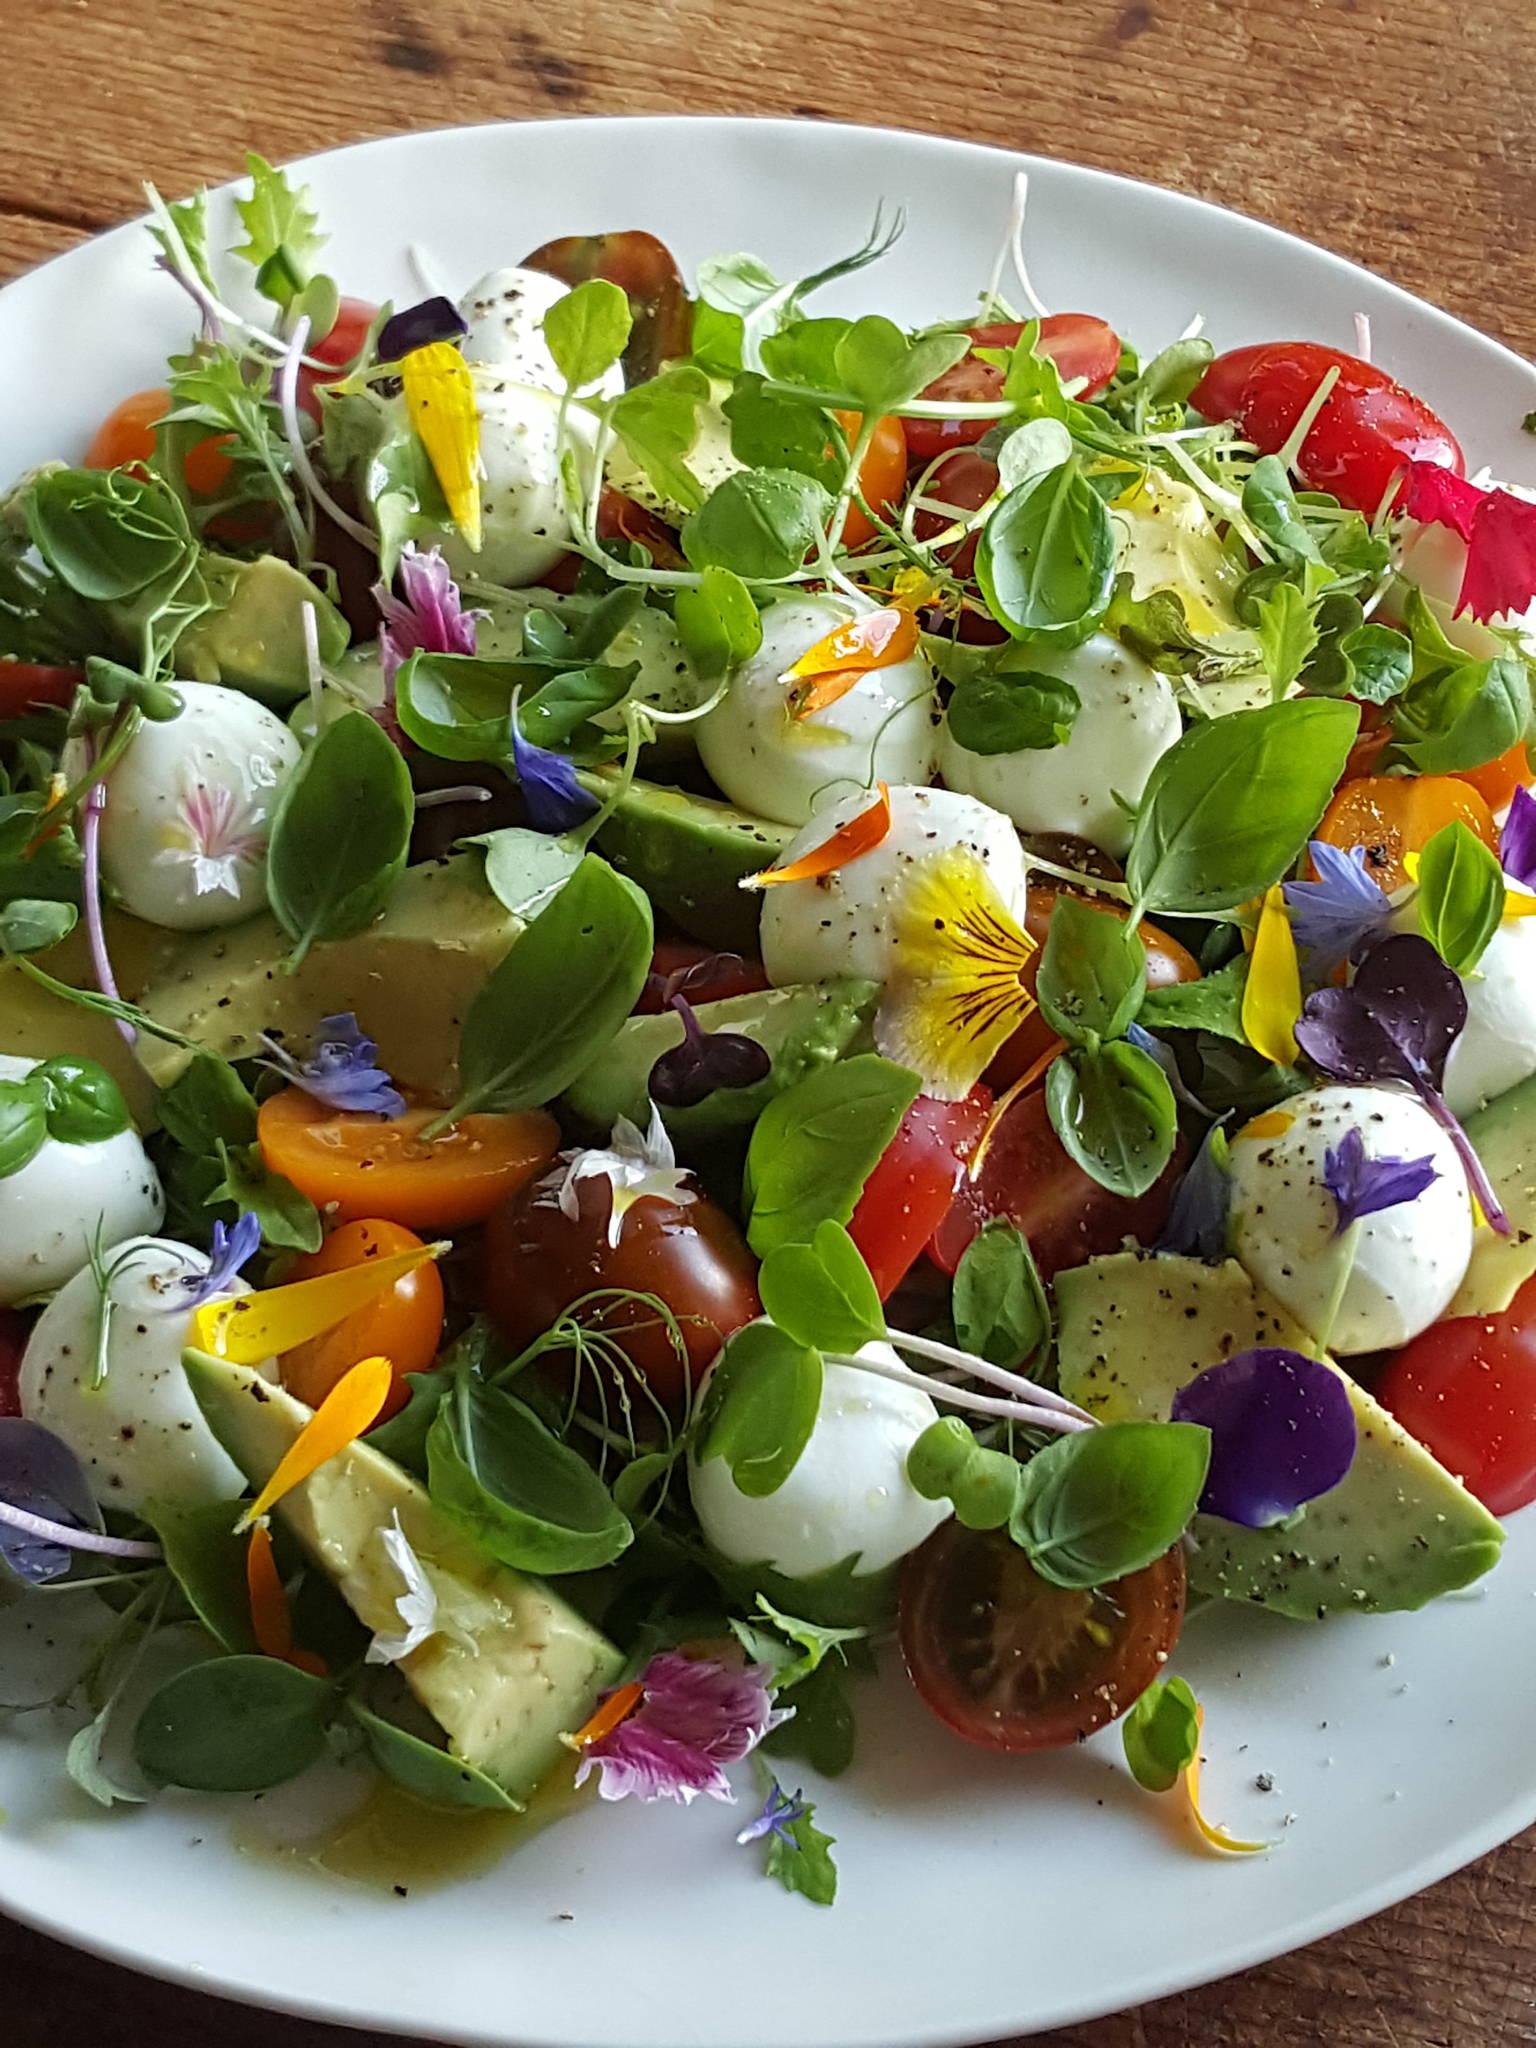 Mozzarella & Tomato Salad Pretty as a picture